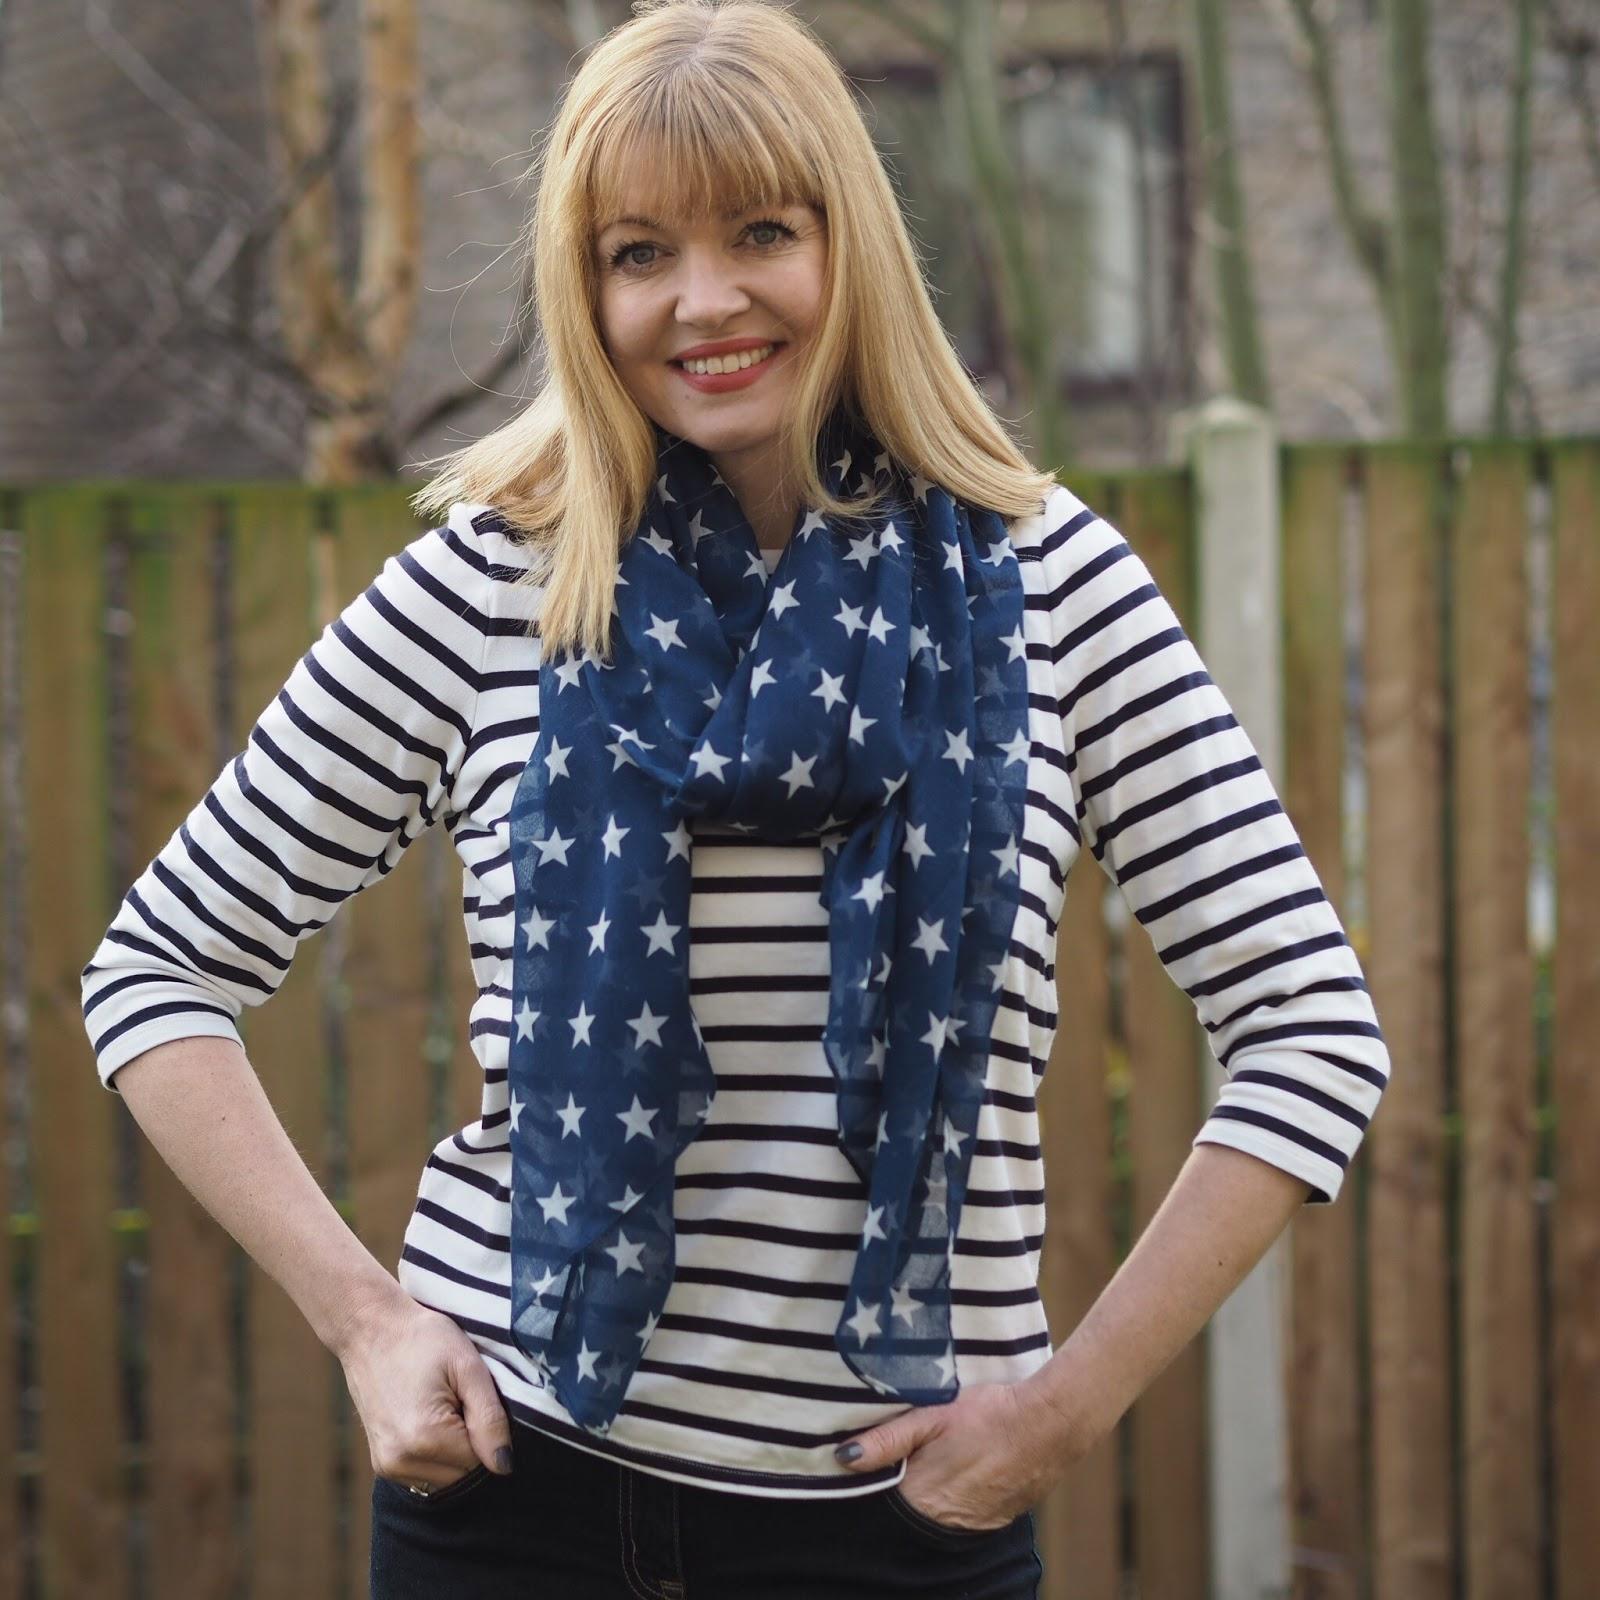 Navy stars scarf, £12.50